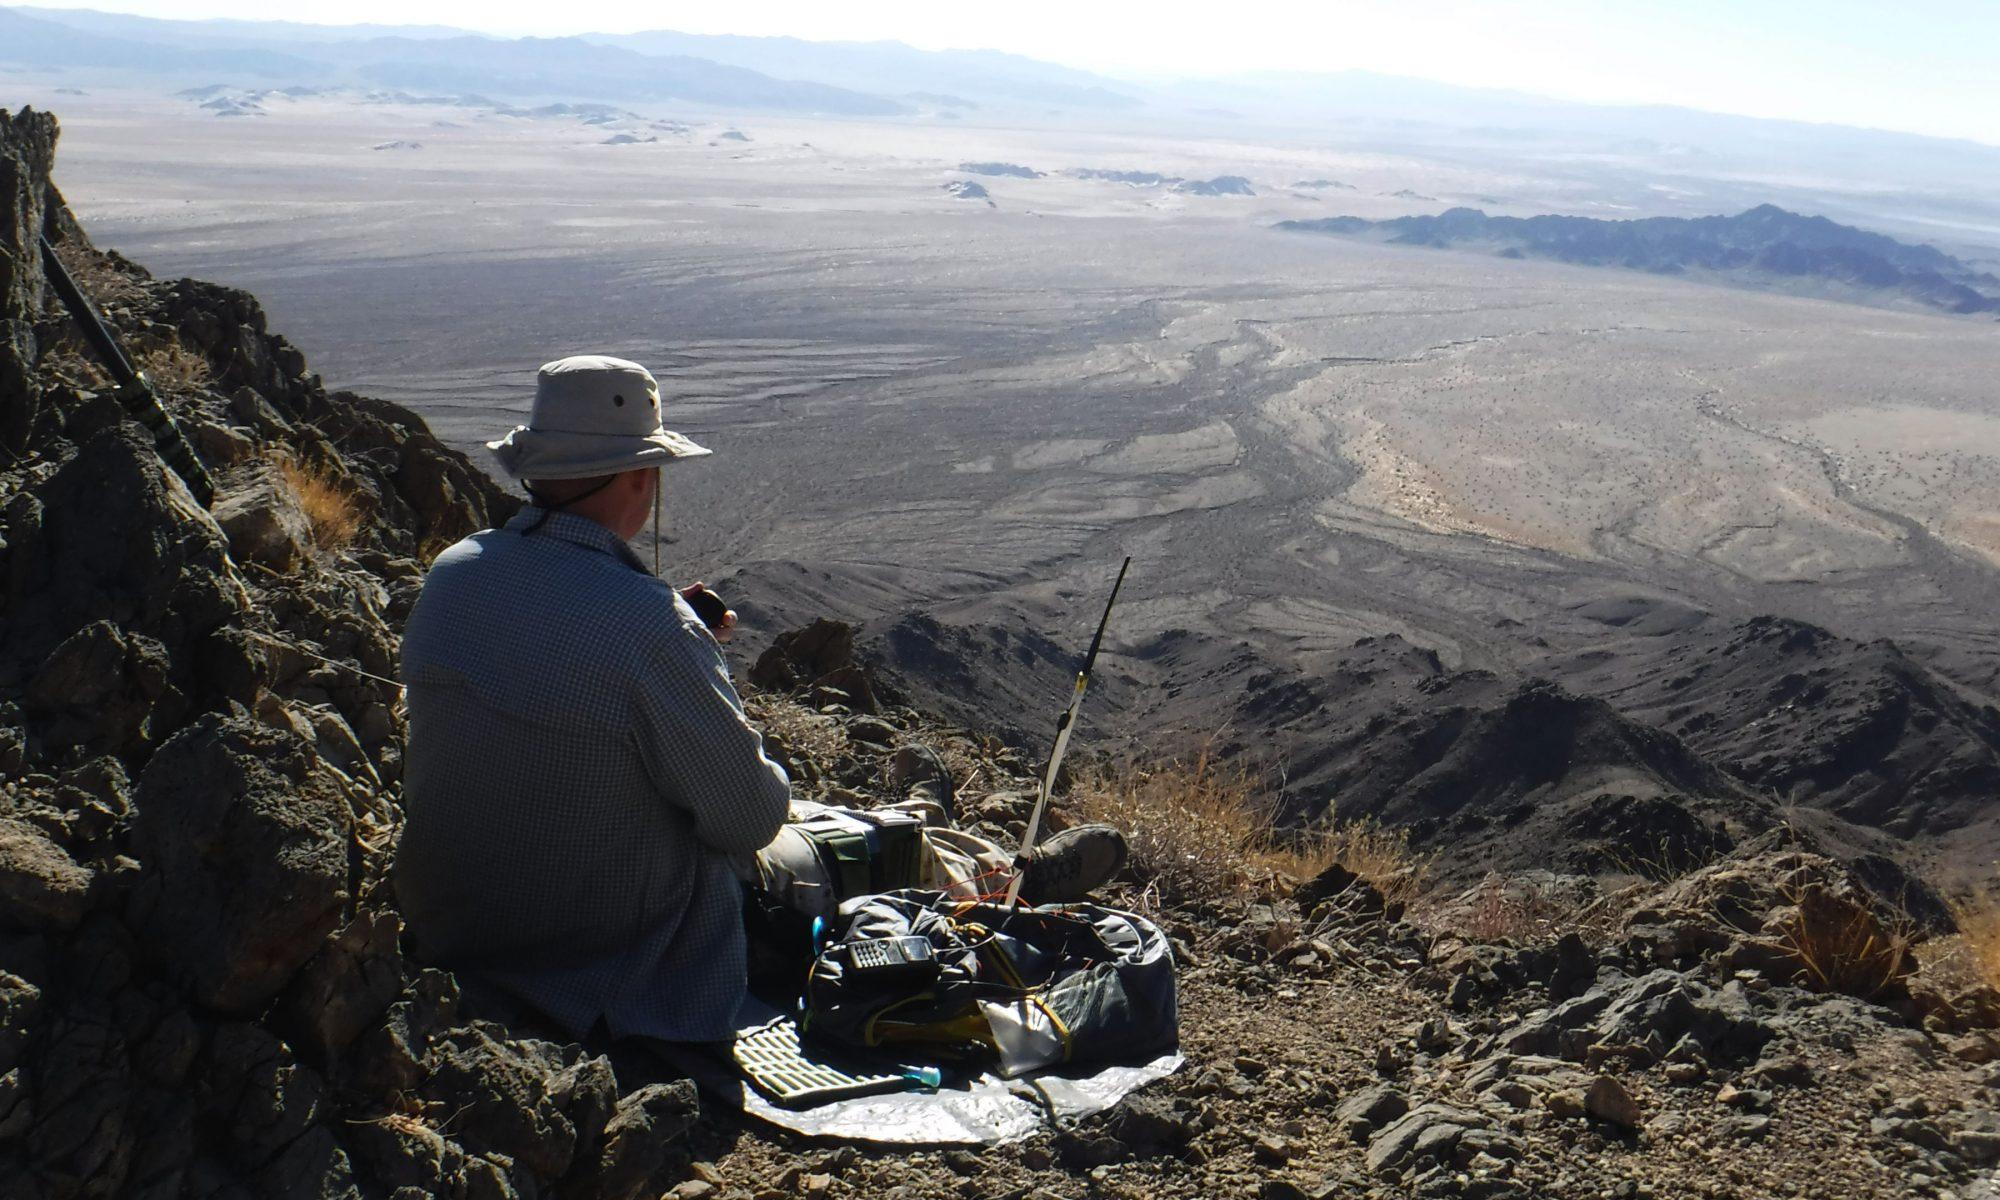 Ham radio operator portable for SOTA in the desert